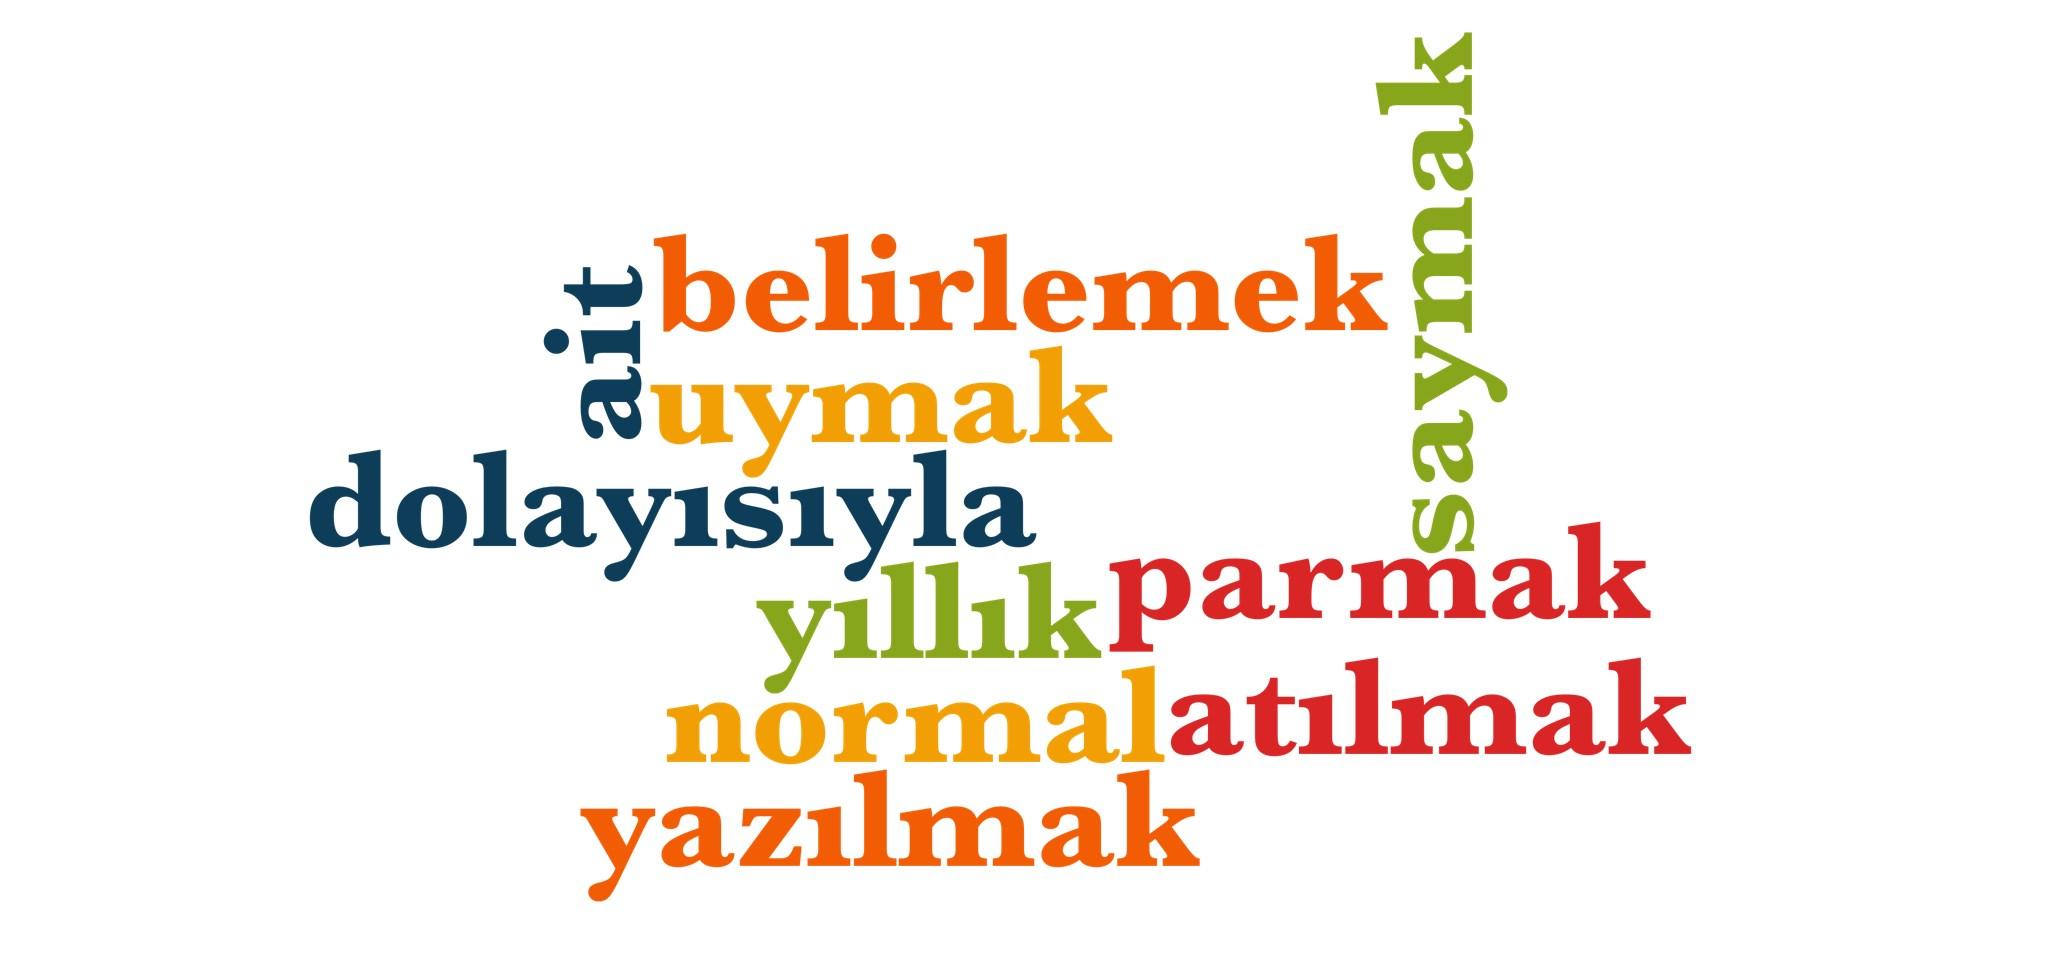 Wörter 701 bis 710 der 1000 häufigsten Wörter der türkischen Sprache